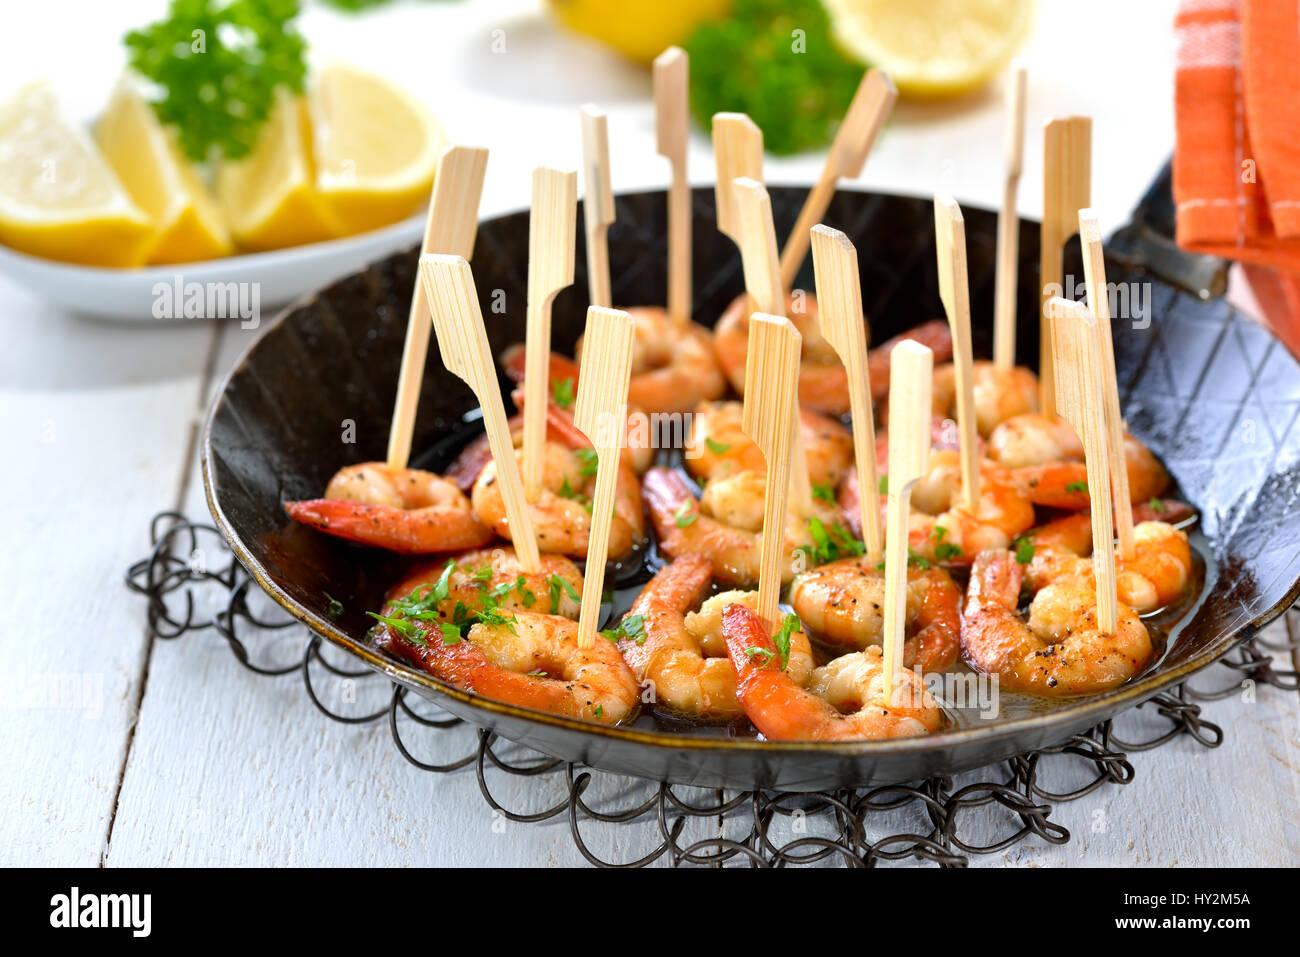 Tapas spagnoli - piccante fritto di gamberi con olio d'oliva, Sherry e aglio, servita in un ferro da stiro padella Immagini Stock